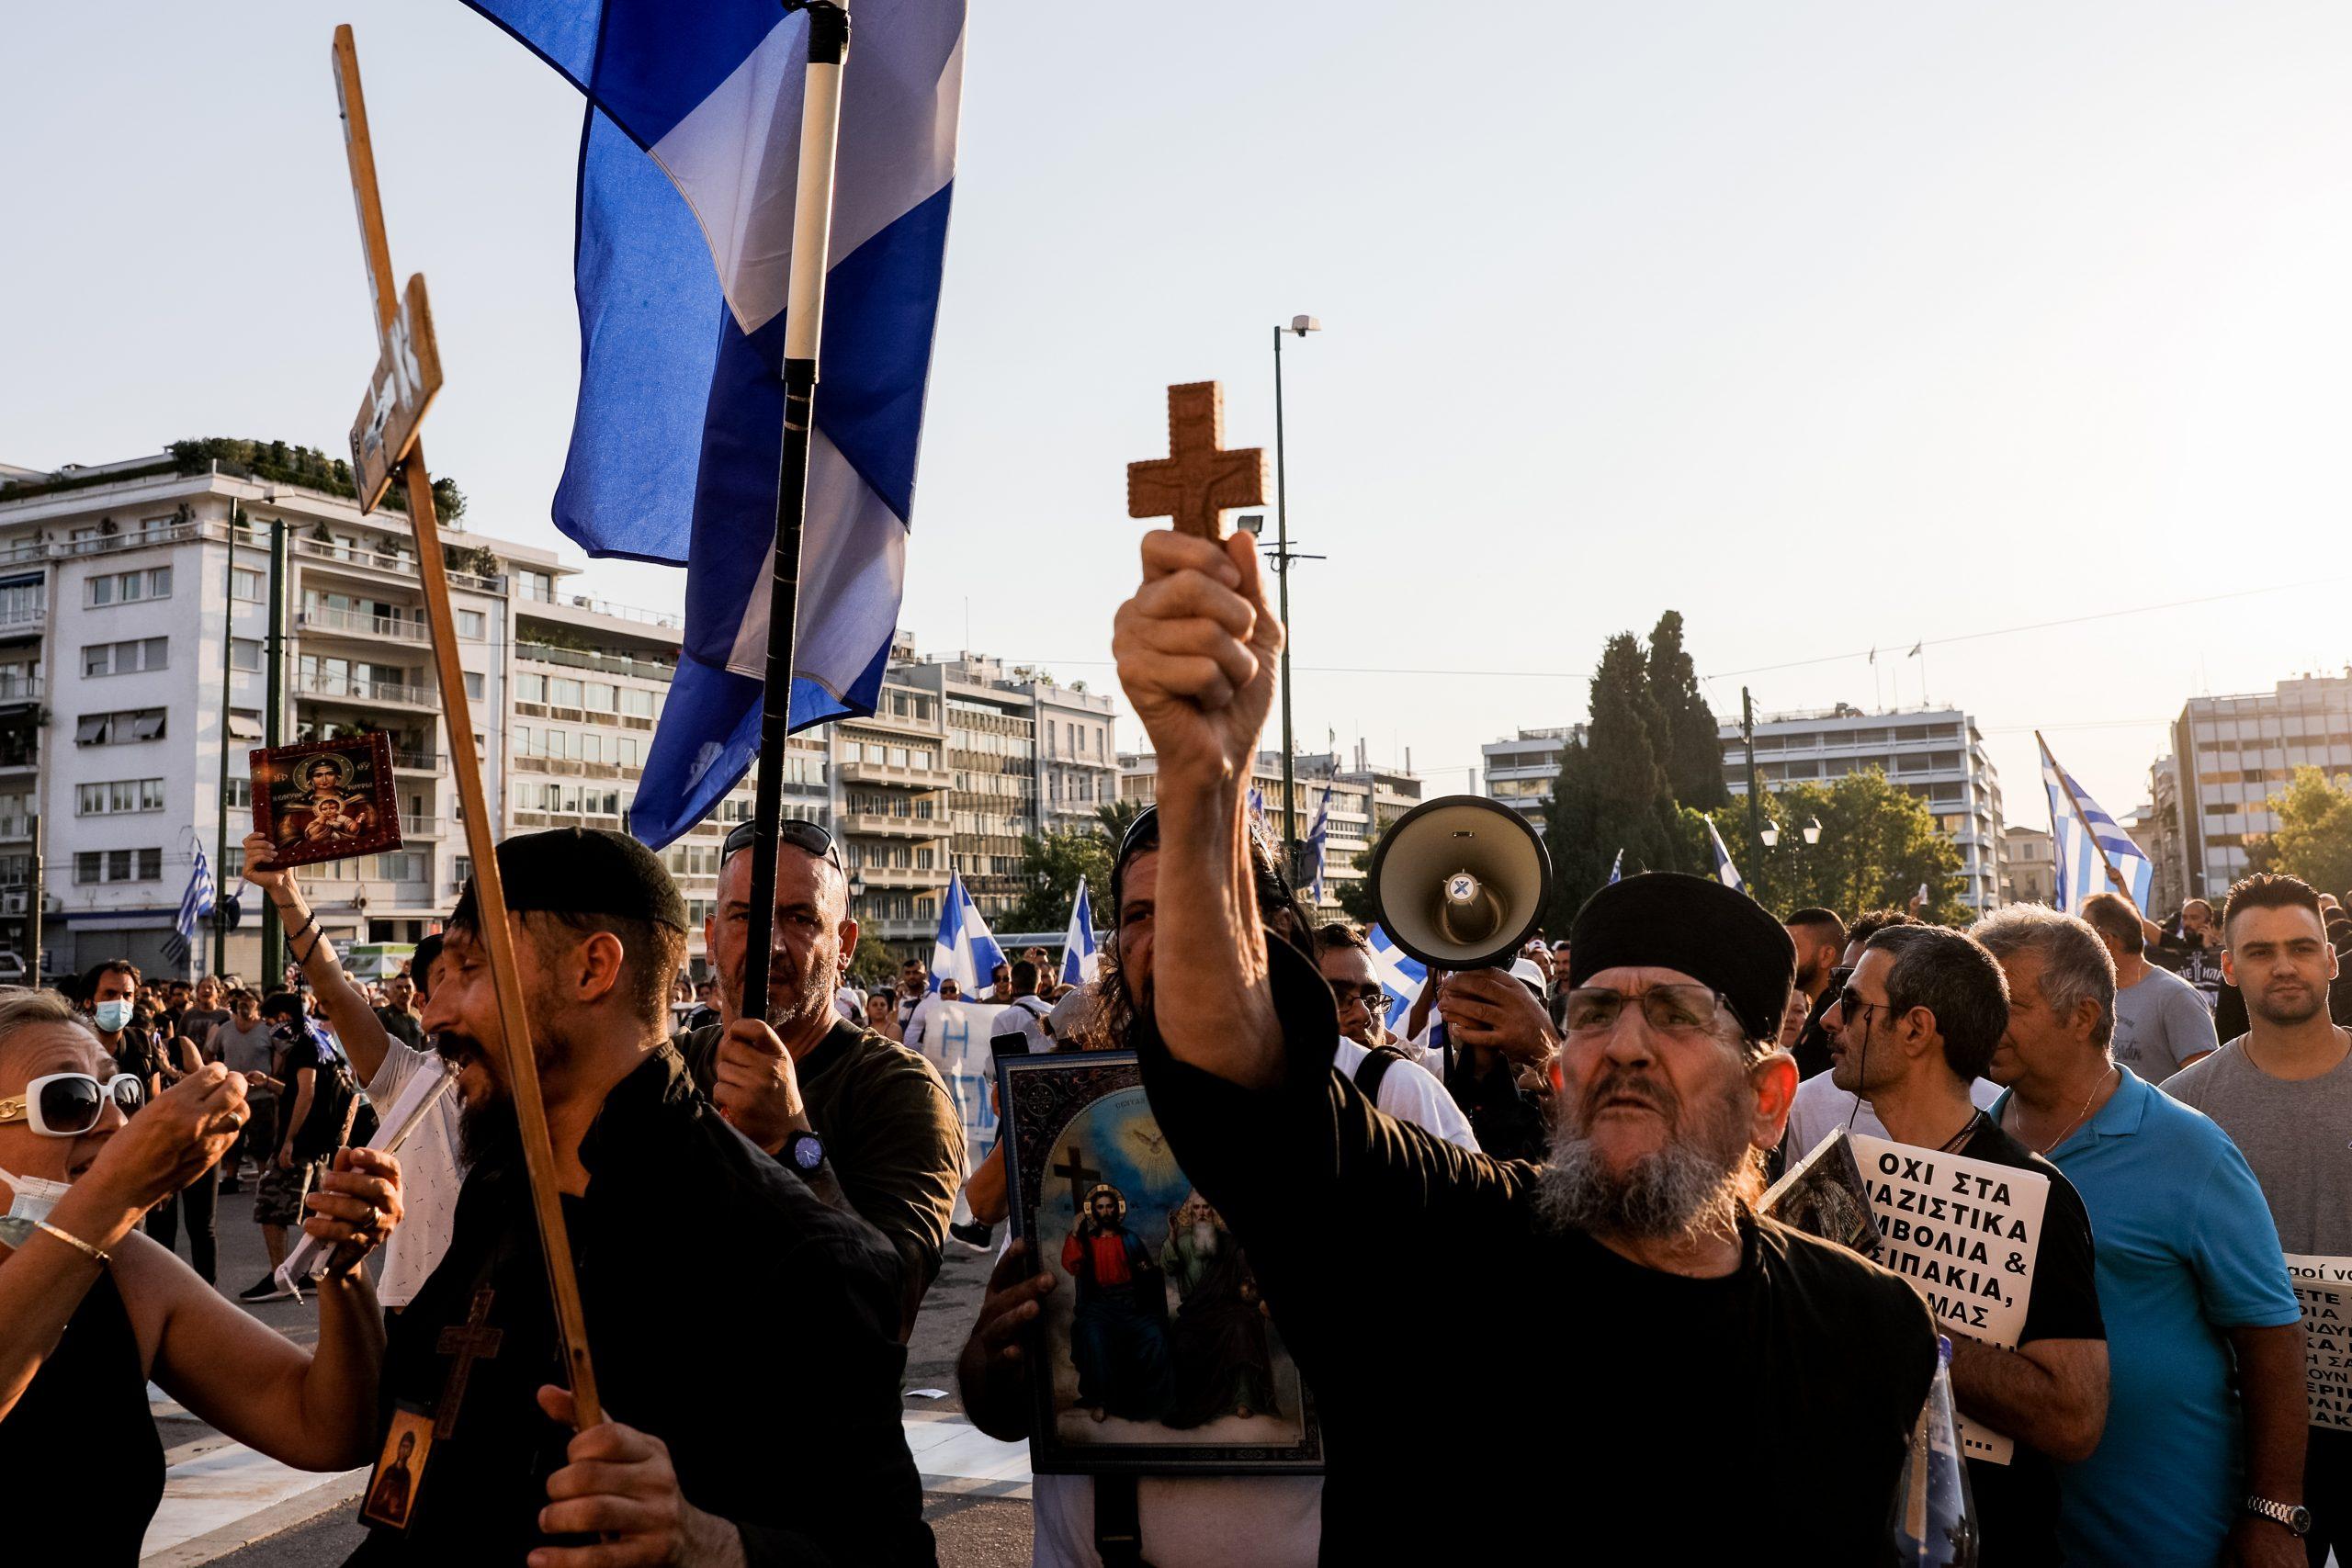 Αντιεμβολιαστές την «έπεσαν» σε δημοσιογράφο του ΣΚΑΪ – «Άντε ρε προδότες» (vid)   panathinaikos24.gr